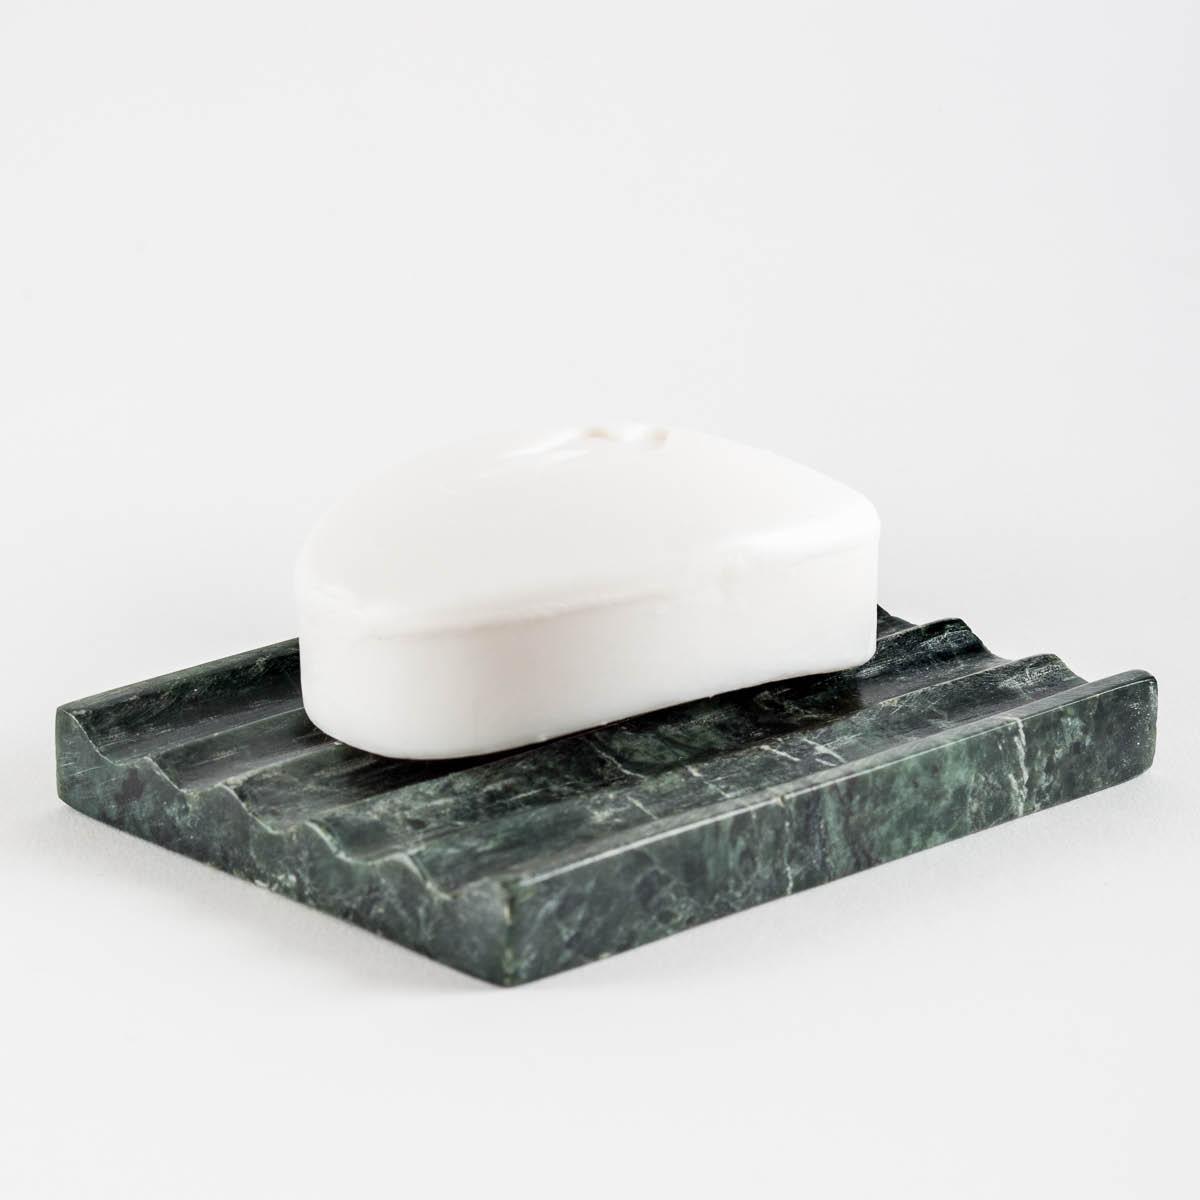 正真正銘の大理石で作ったソープディッシュ ソープディッシュ b2c セール特別価格 ストーン 石鹸ホルダー#SL_BT 大理石 トレー おトク 石鹸置き